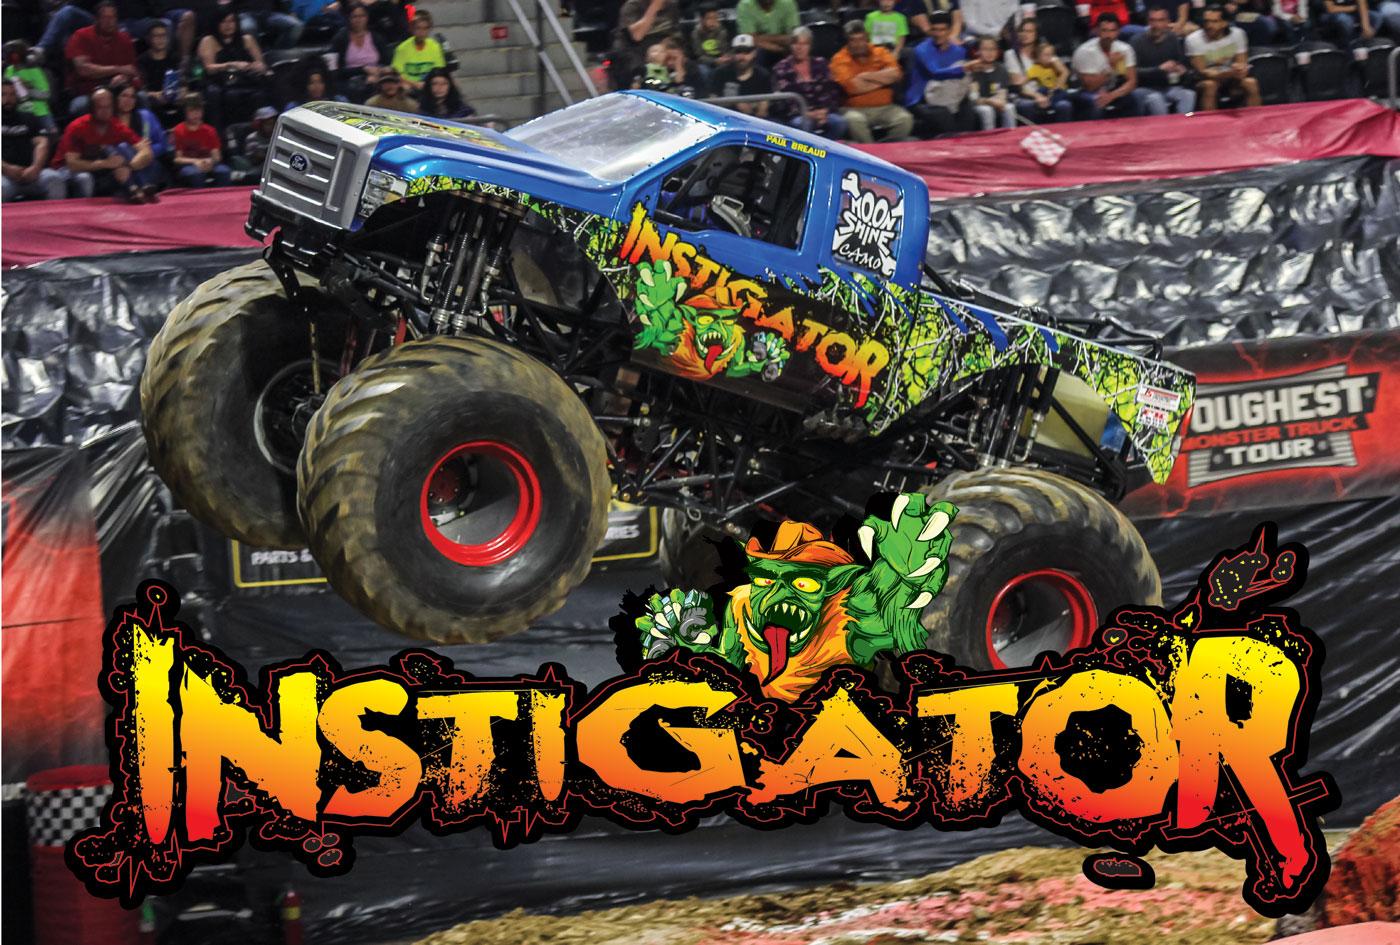 instigator-promo-01